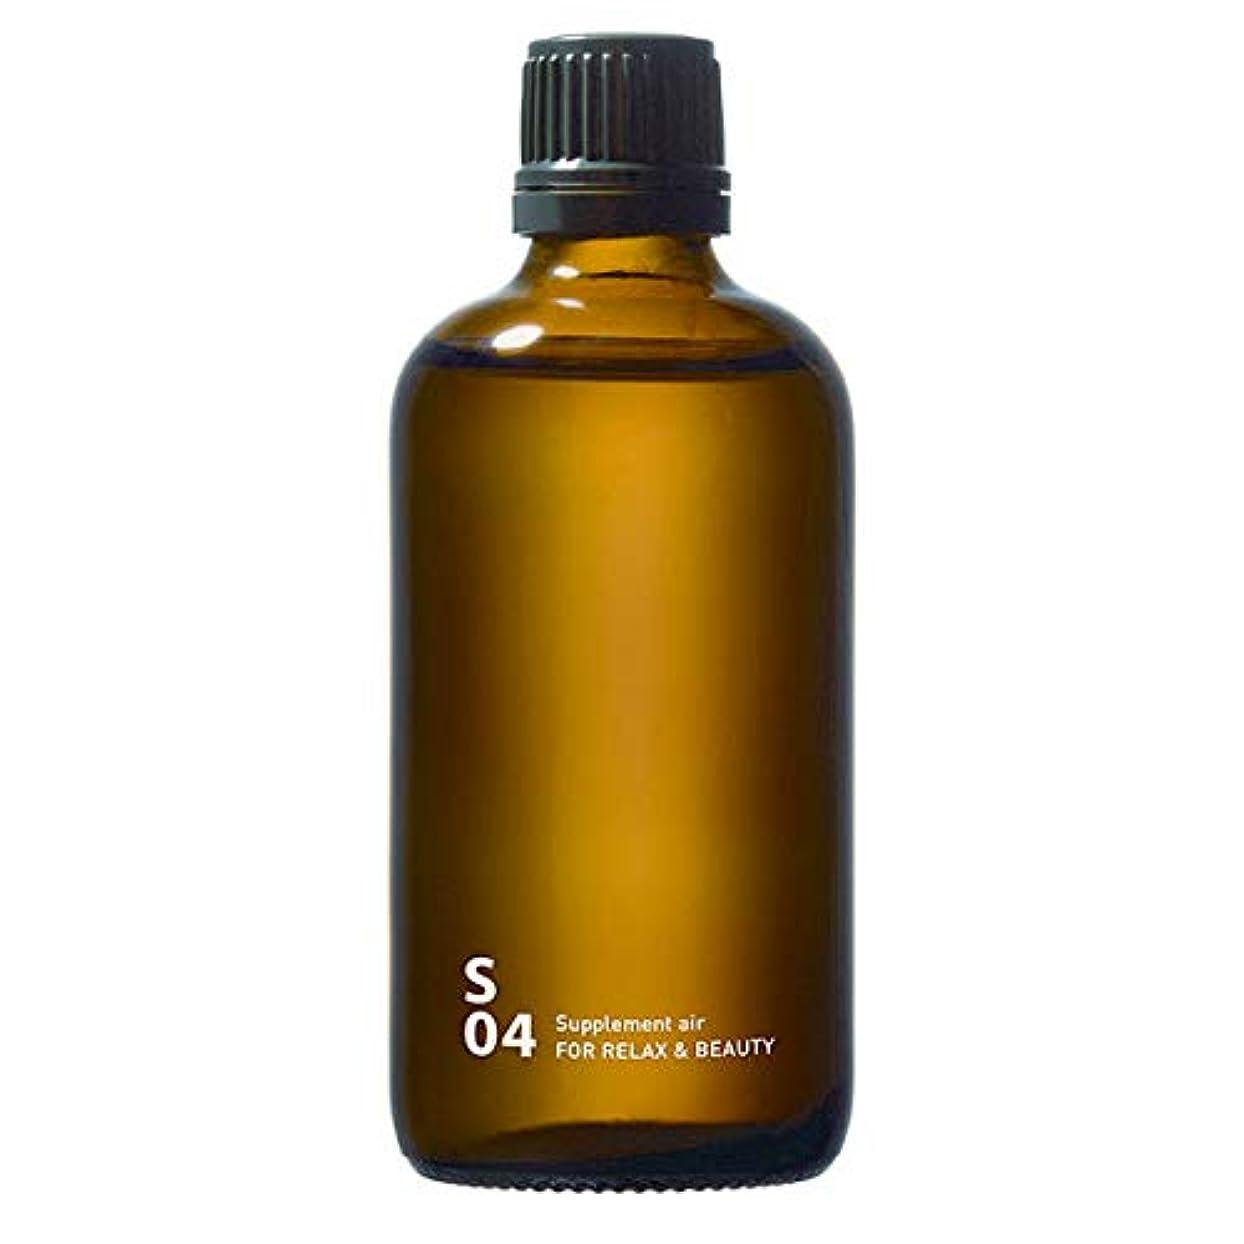 うめき解凍する、雪解け、霜解け対処するS04 FOR RELAX & BEAUTY piezo aroma oil 100ml